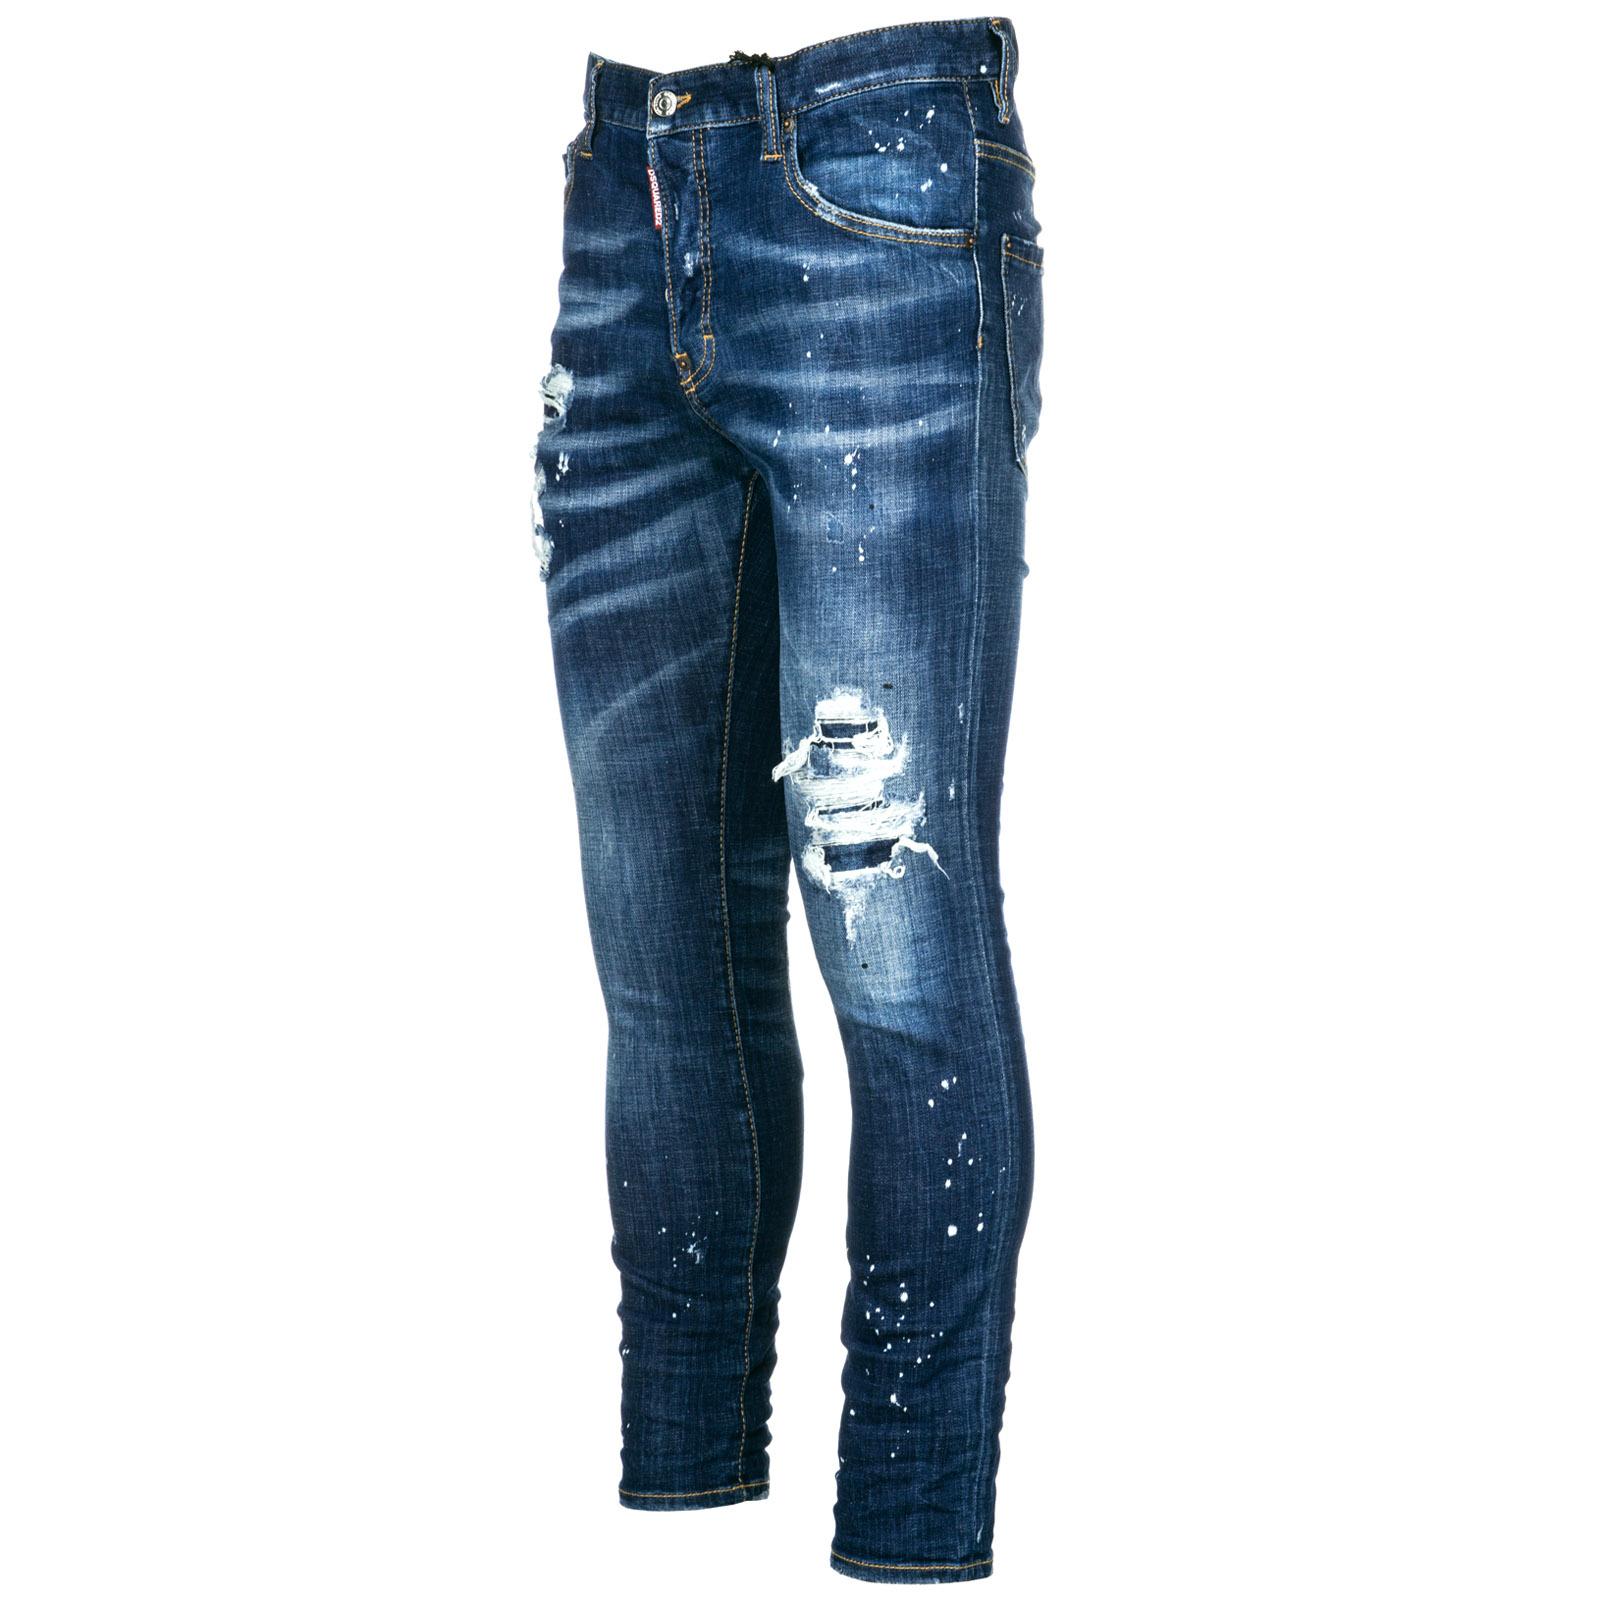 Men's jeans denim skater